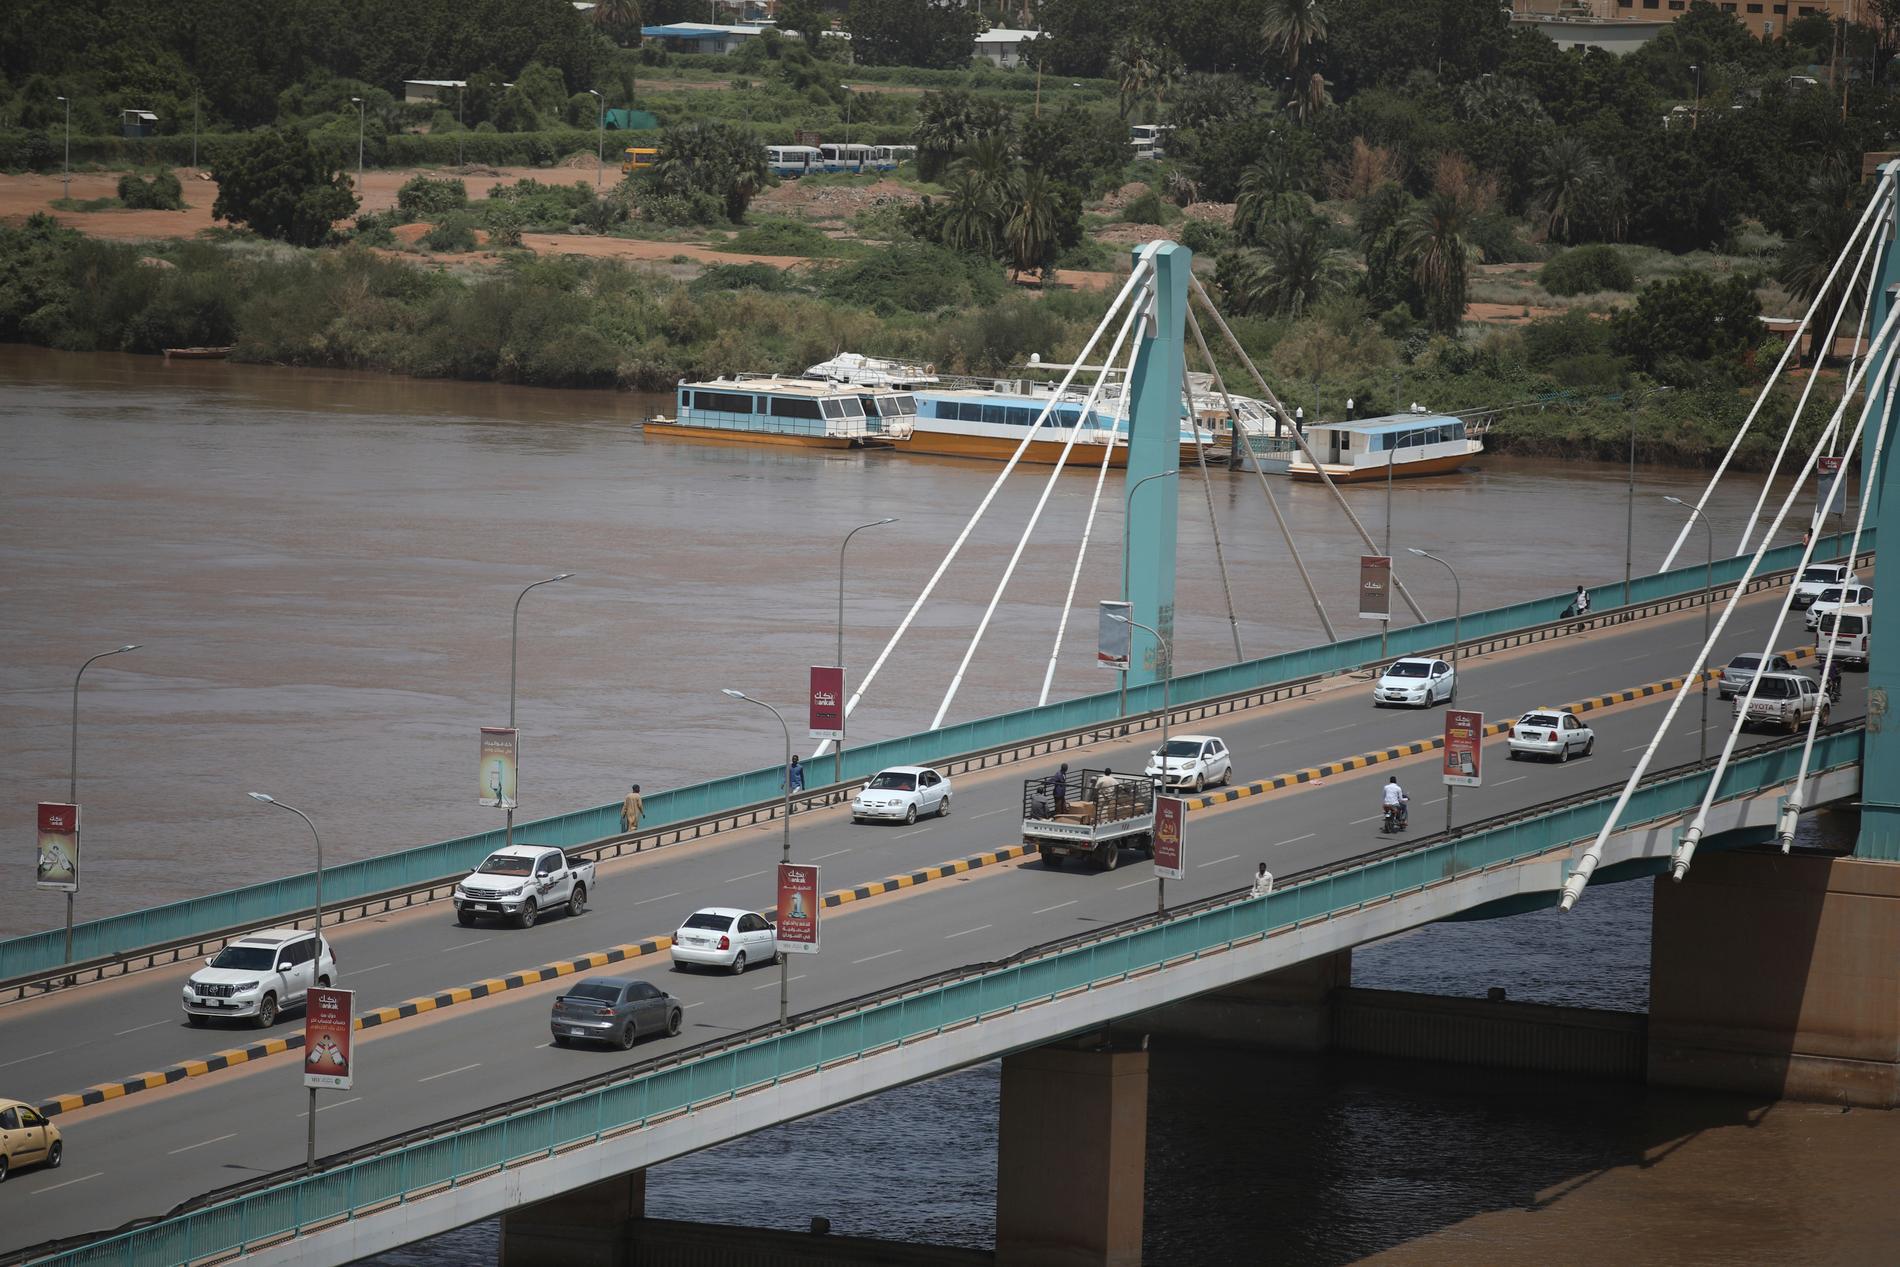 Bron som binder tvillingstäderna Omdurman och Khartum stängdes tidvis efter kuppförsöket – dock inte när denna bild togs.